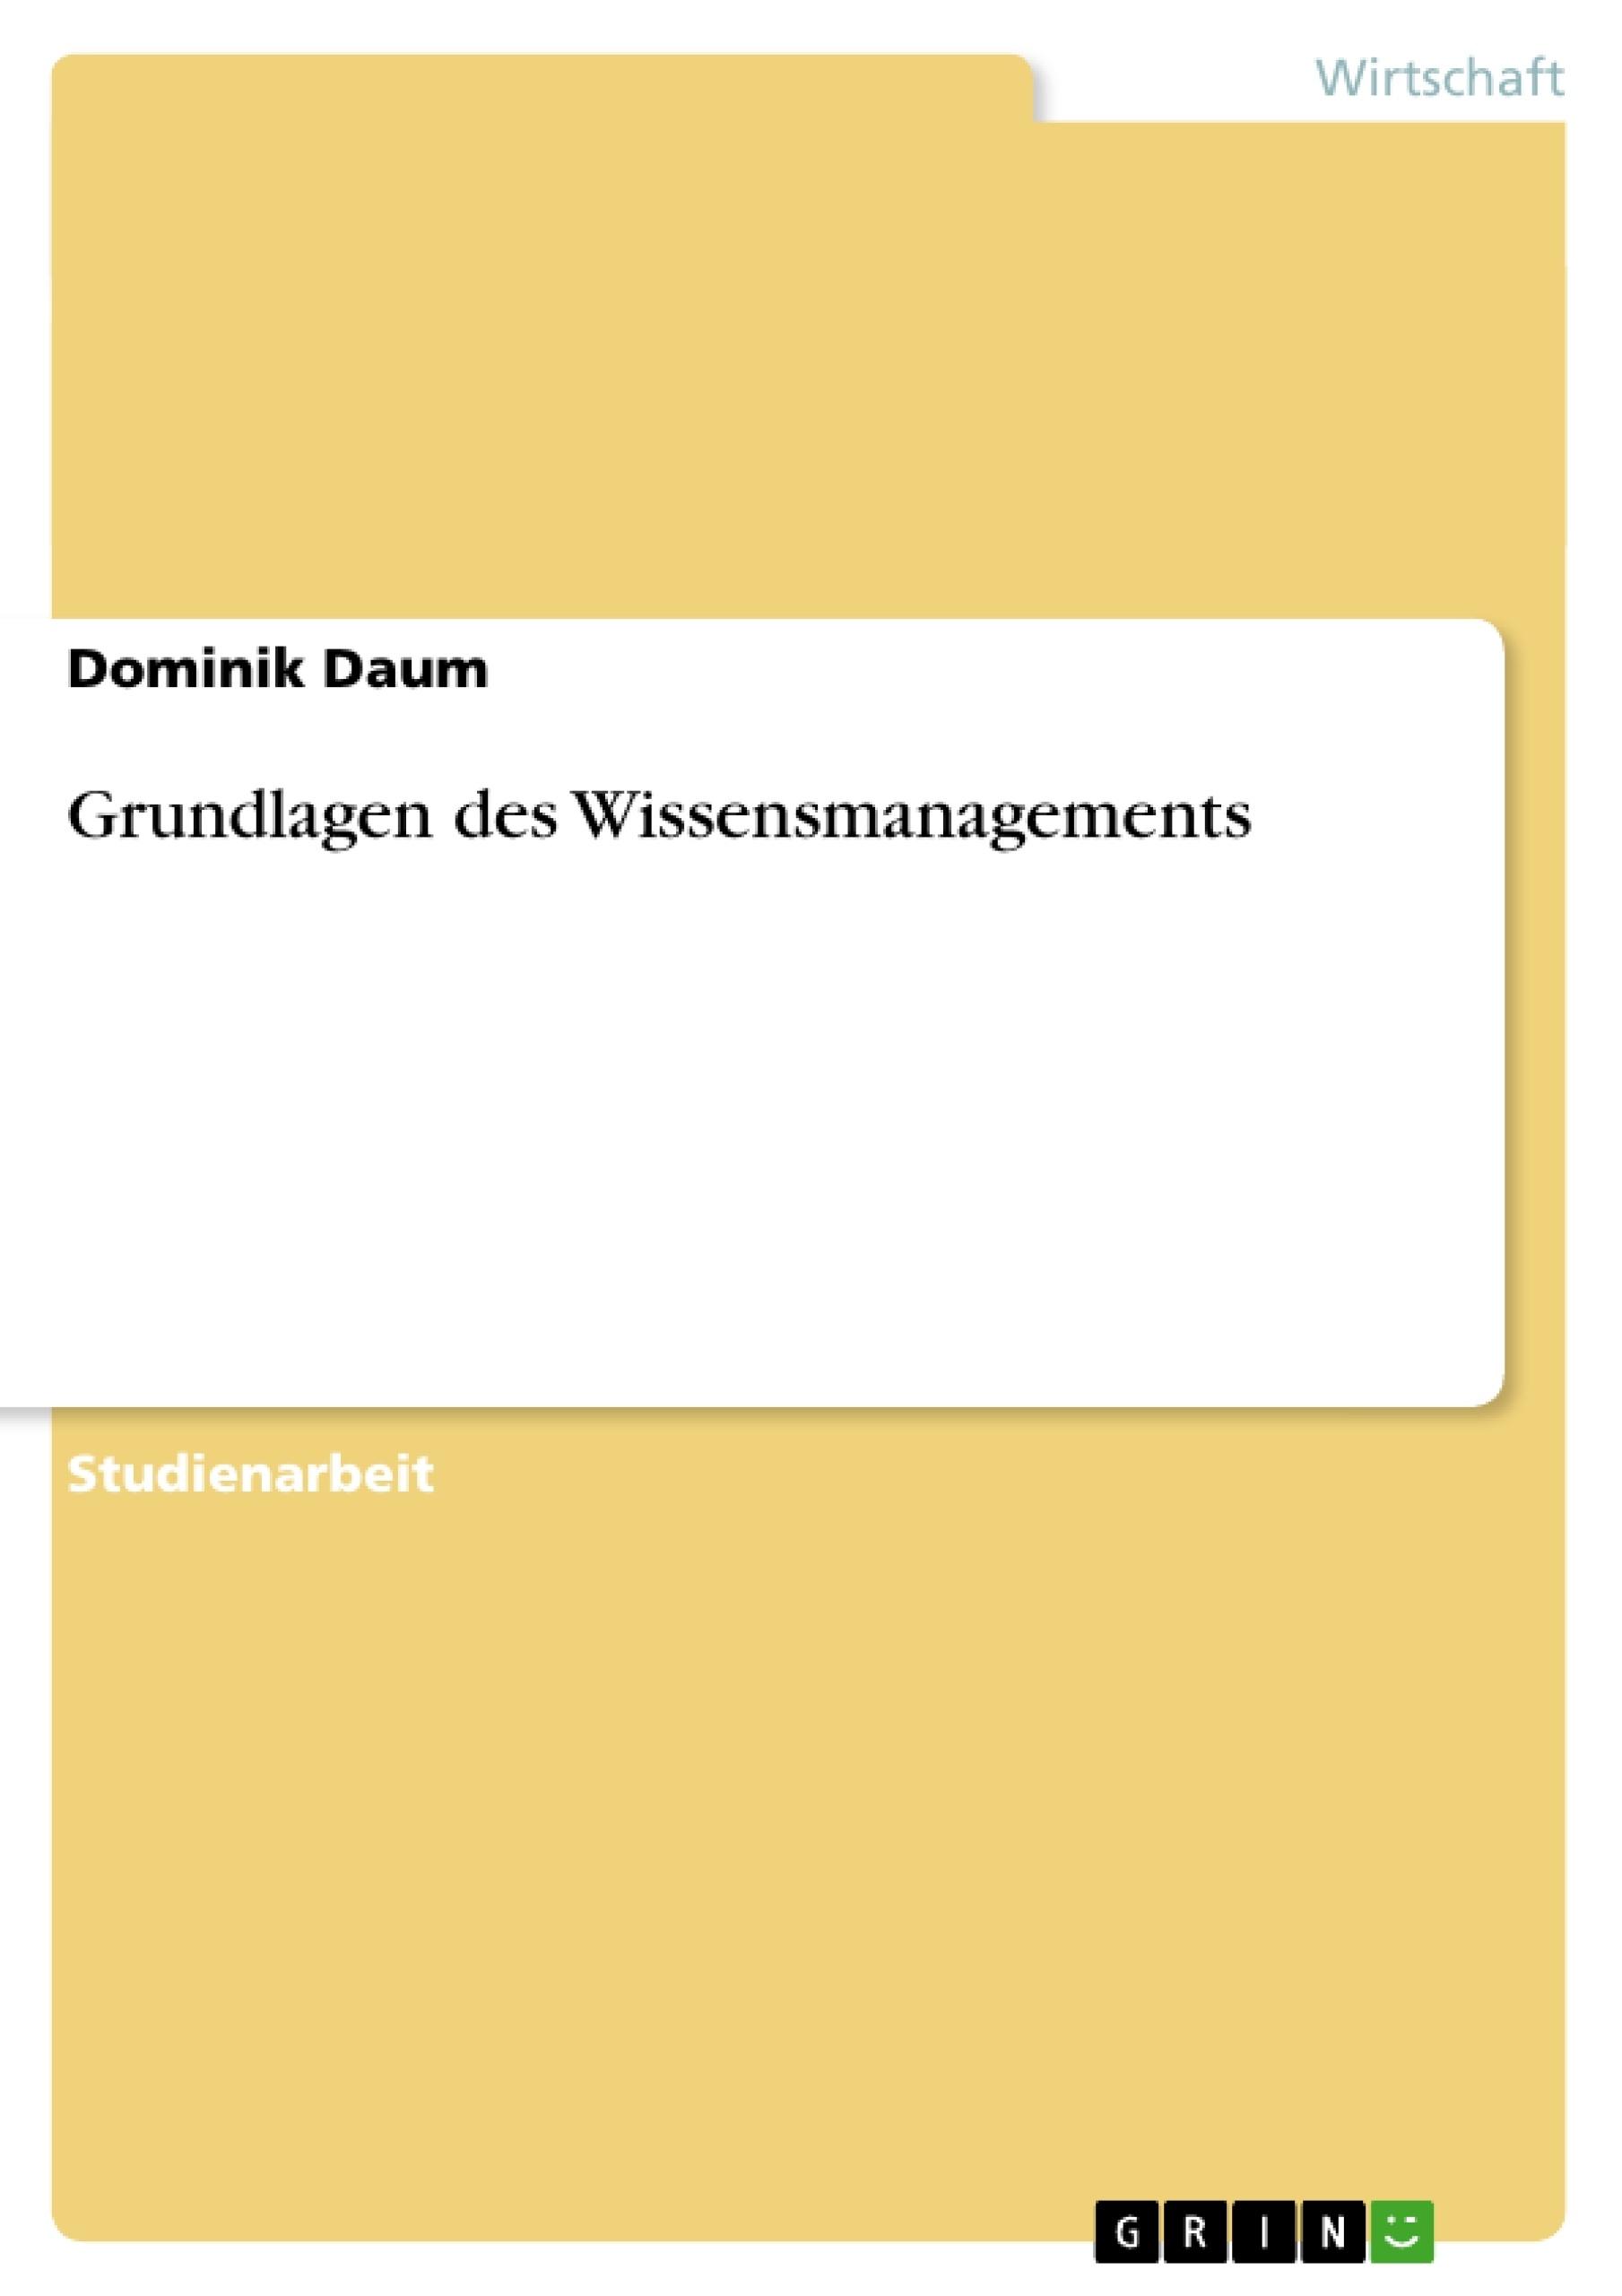 Titel: Grundlagen des Wissensmanagements